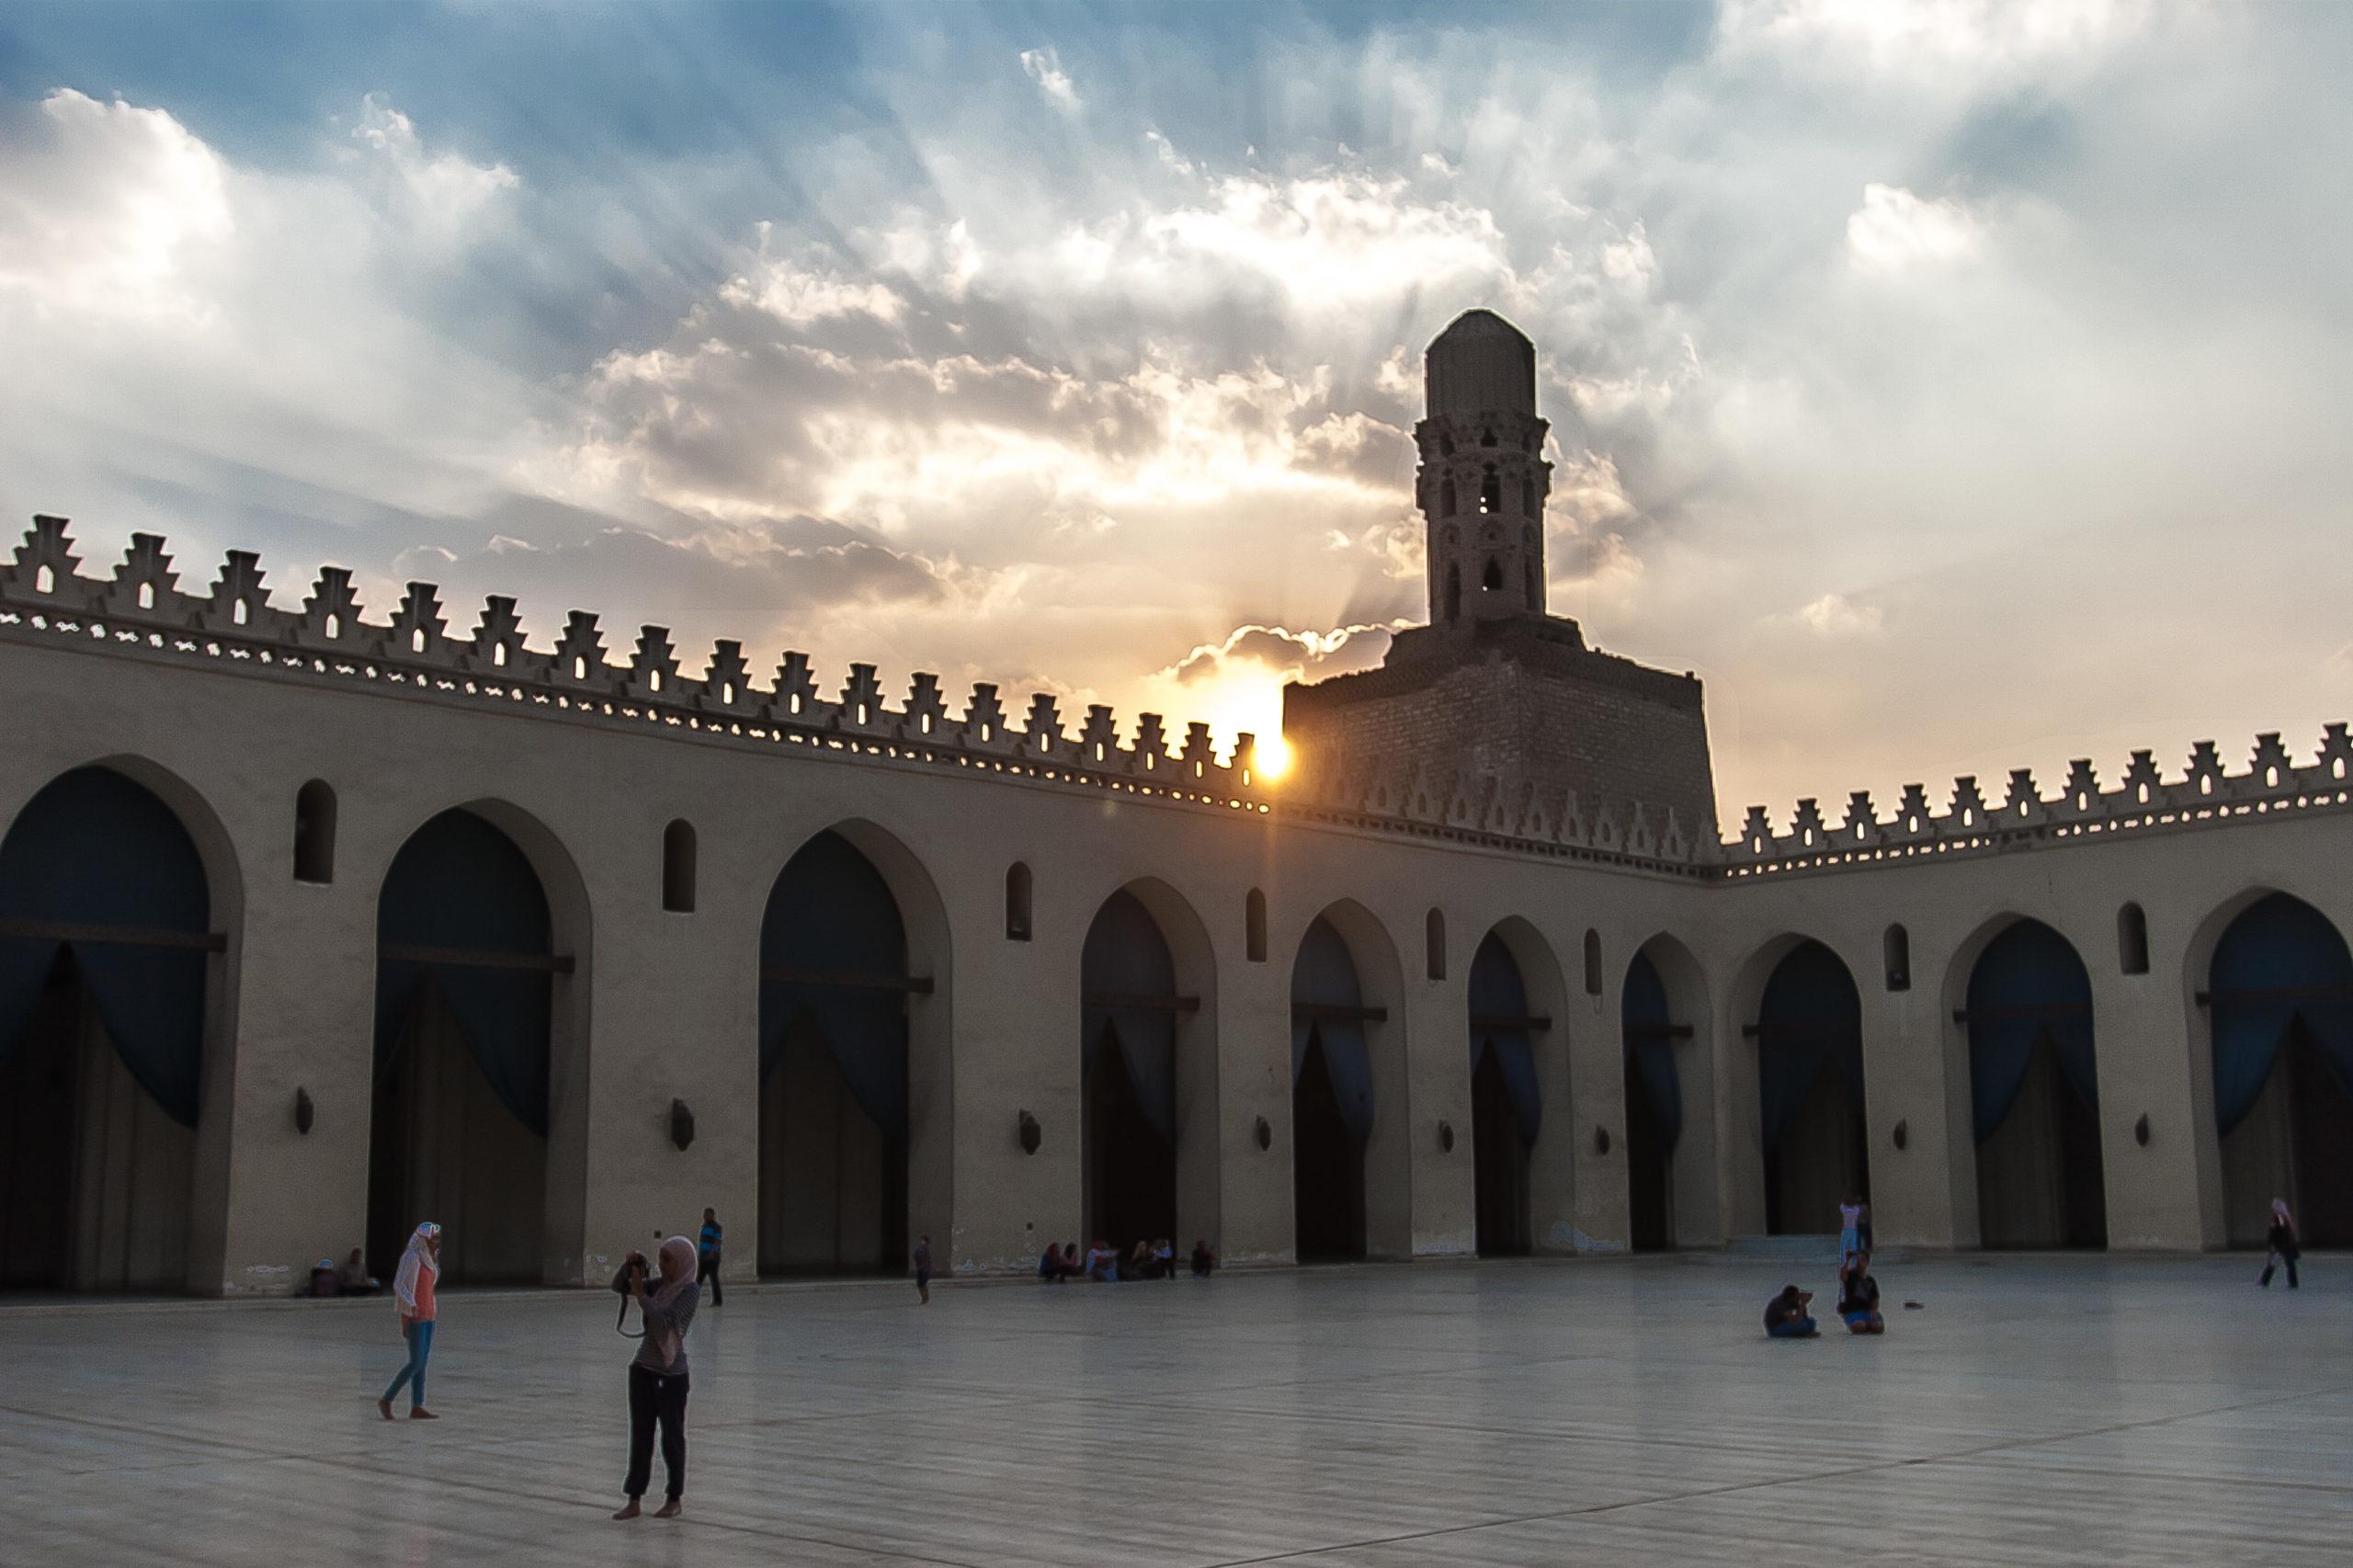 مسجد الحاكم بأمر الله في شارع المعز لدين الله الفاطمي